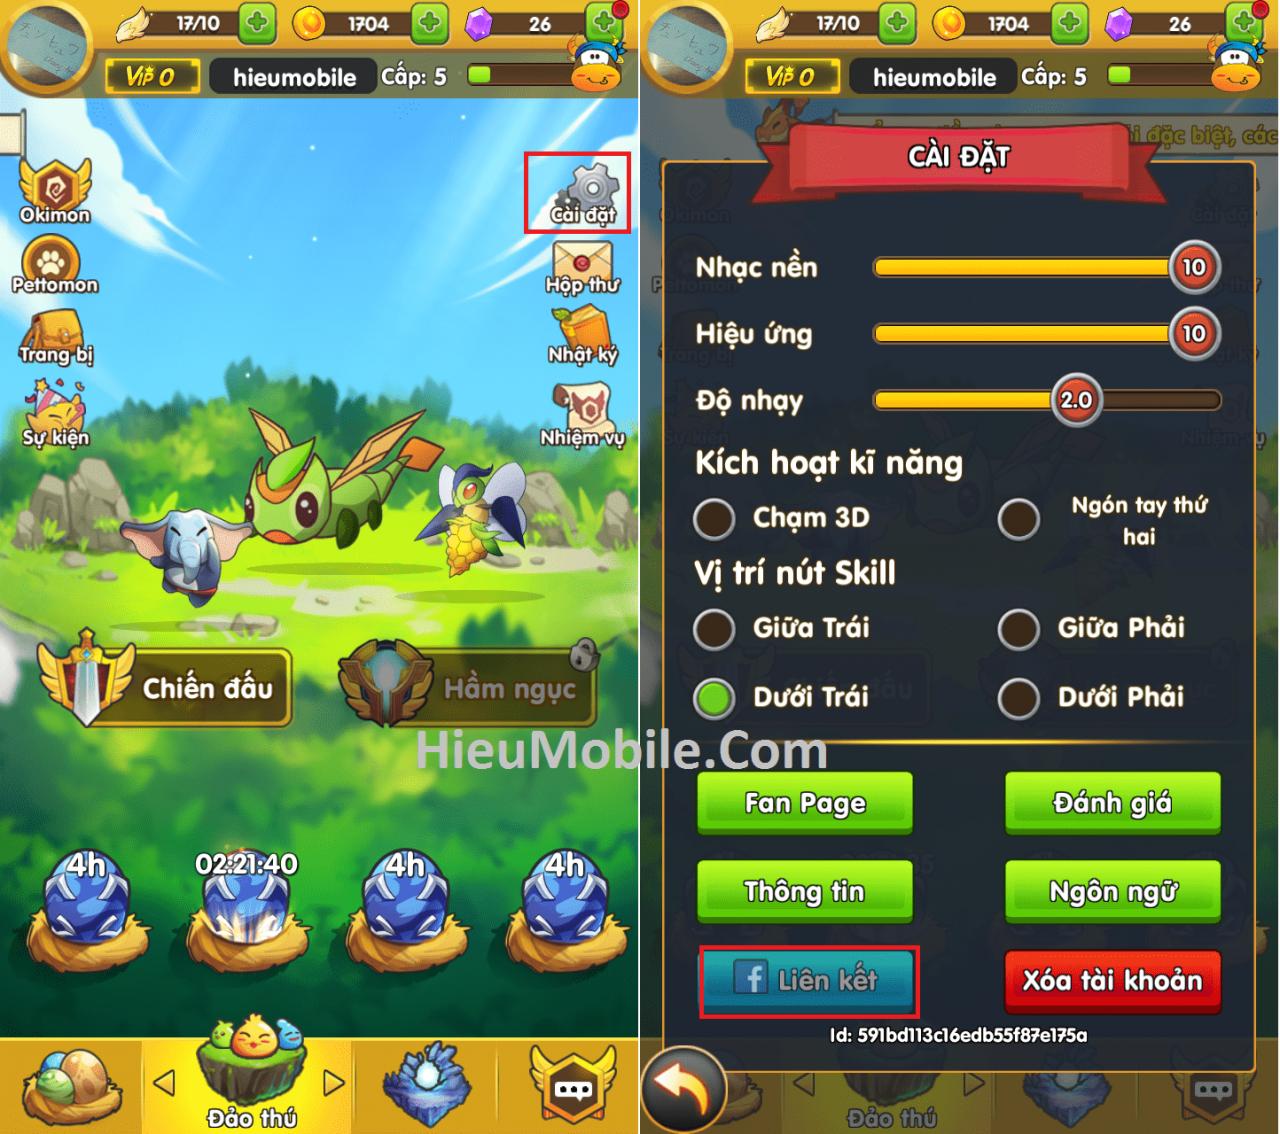 Hình ảnh 1Dw4D7w của Cách kết bạn để Trợ Chiến và Xin Cánh game Phi Đội Mobile tại HieuMobile